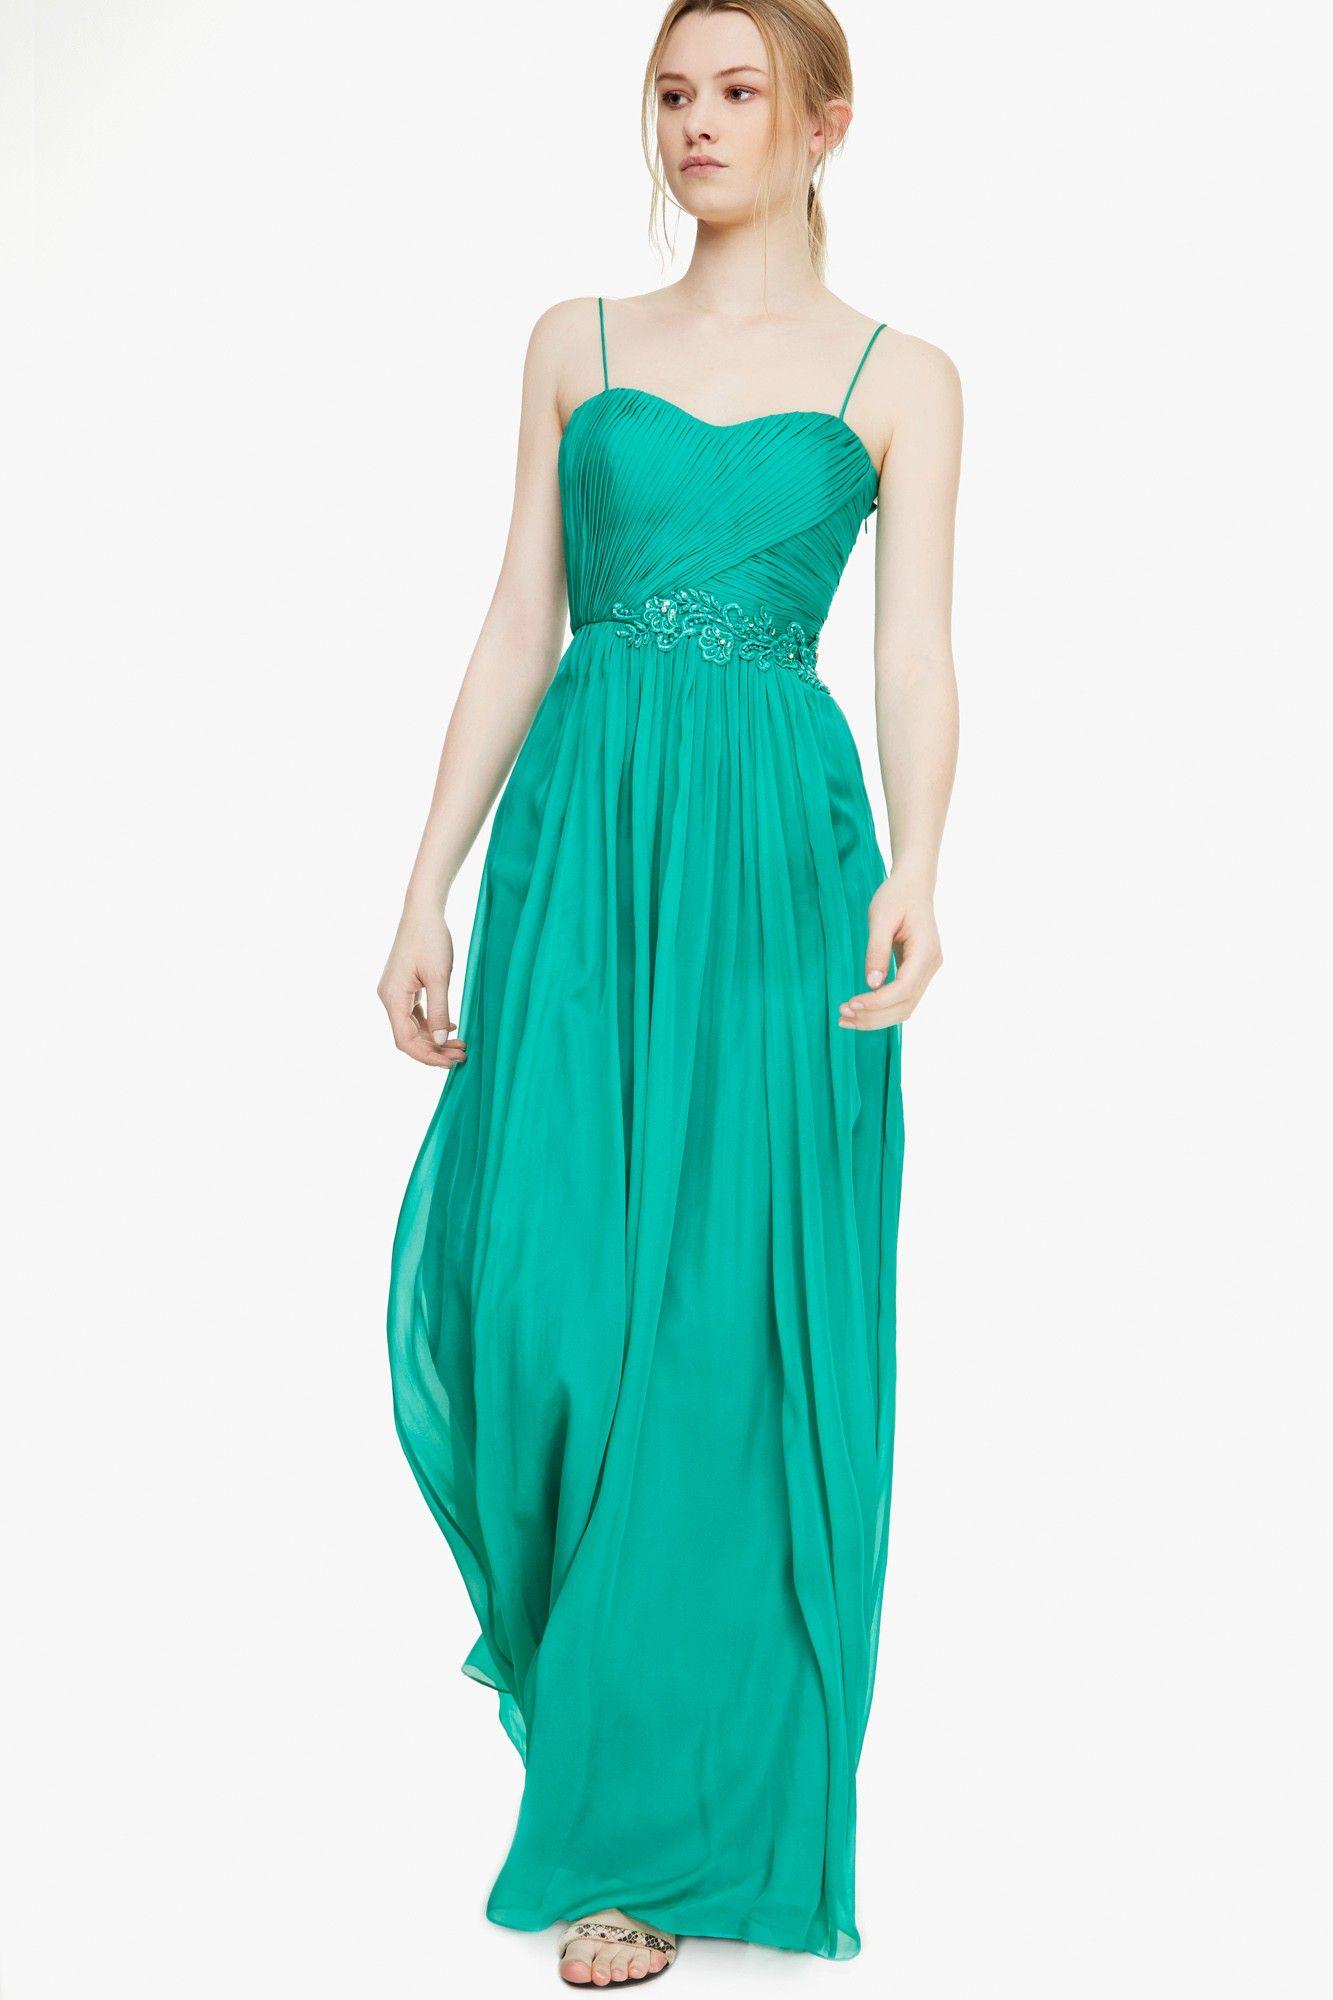 Vestido seda bordado - Vestidos | Adolfo Dominguez shop online ...